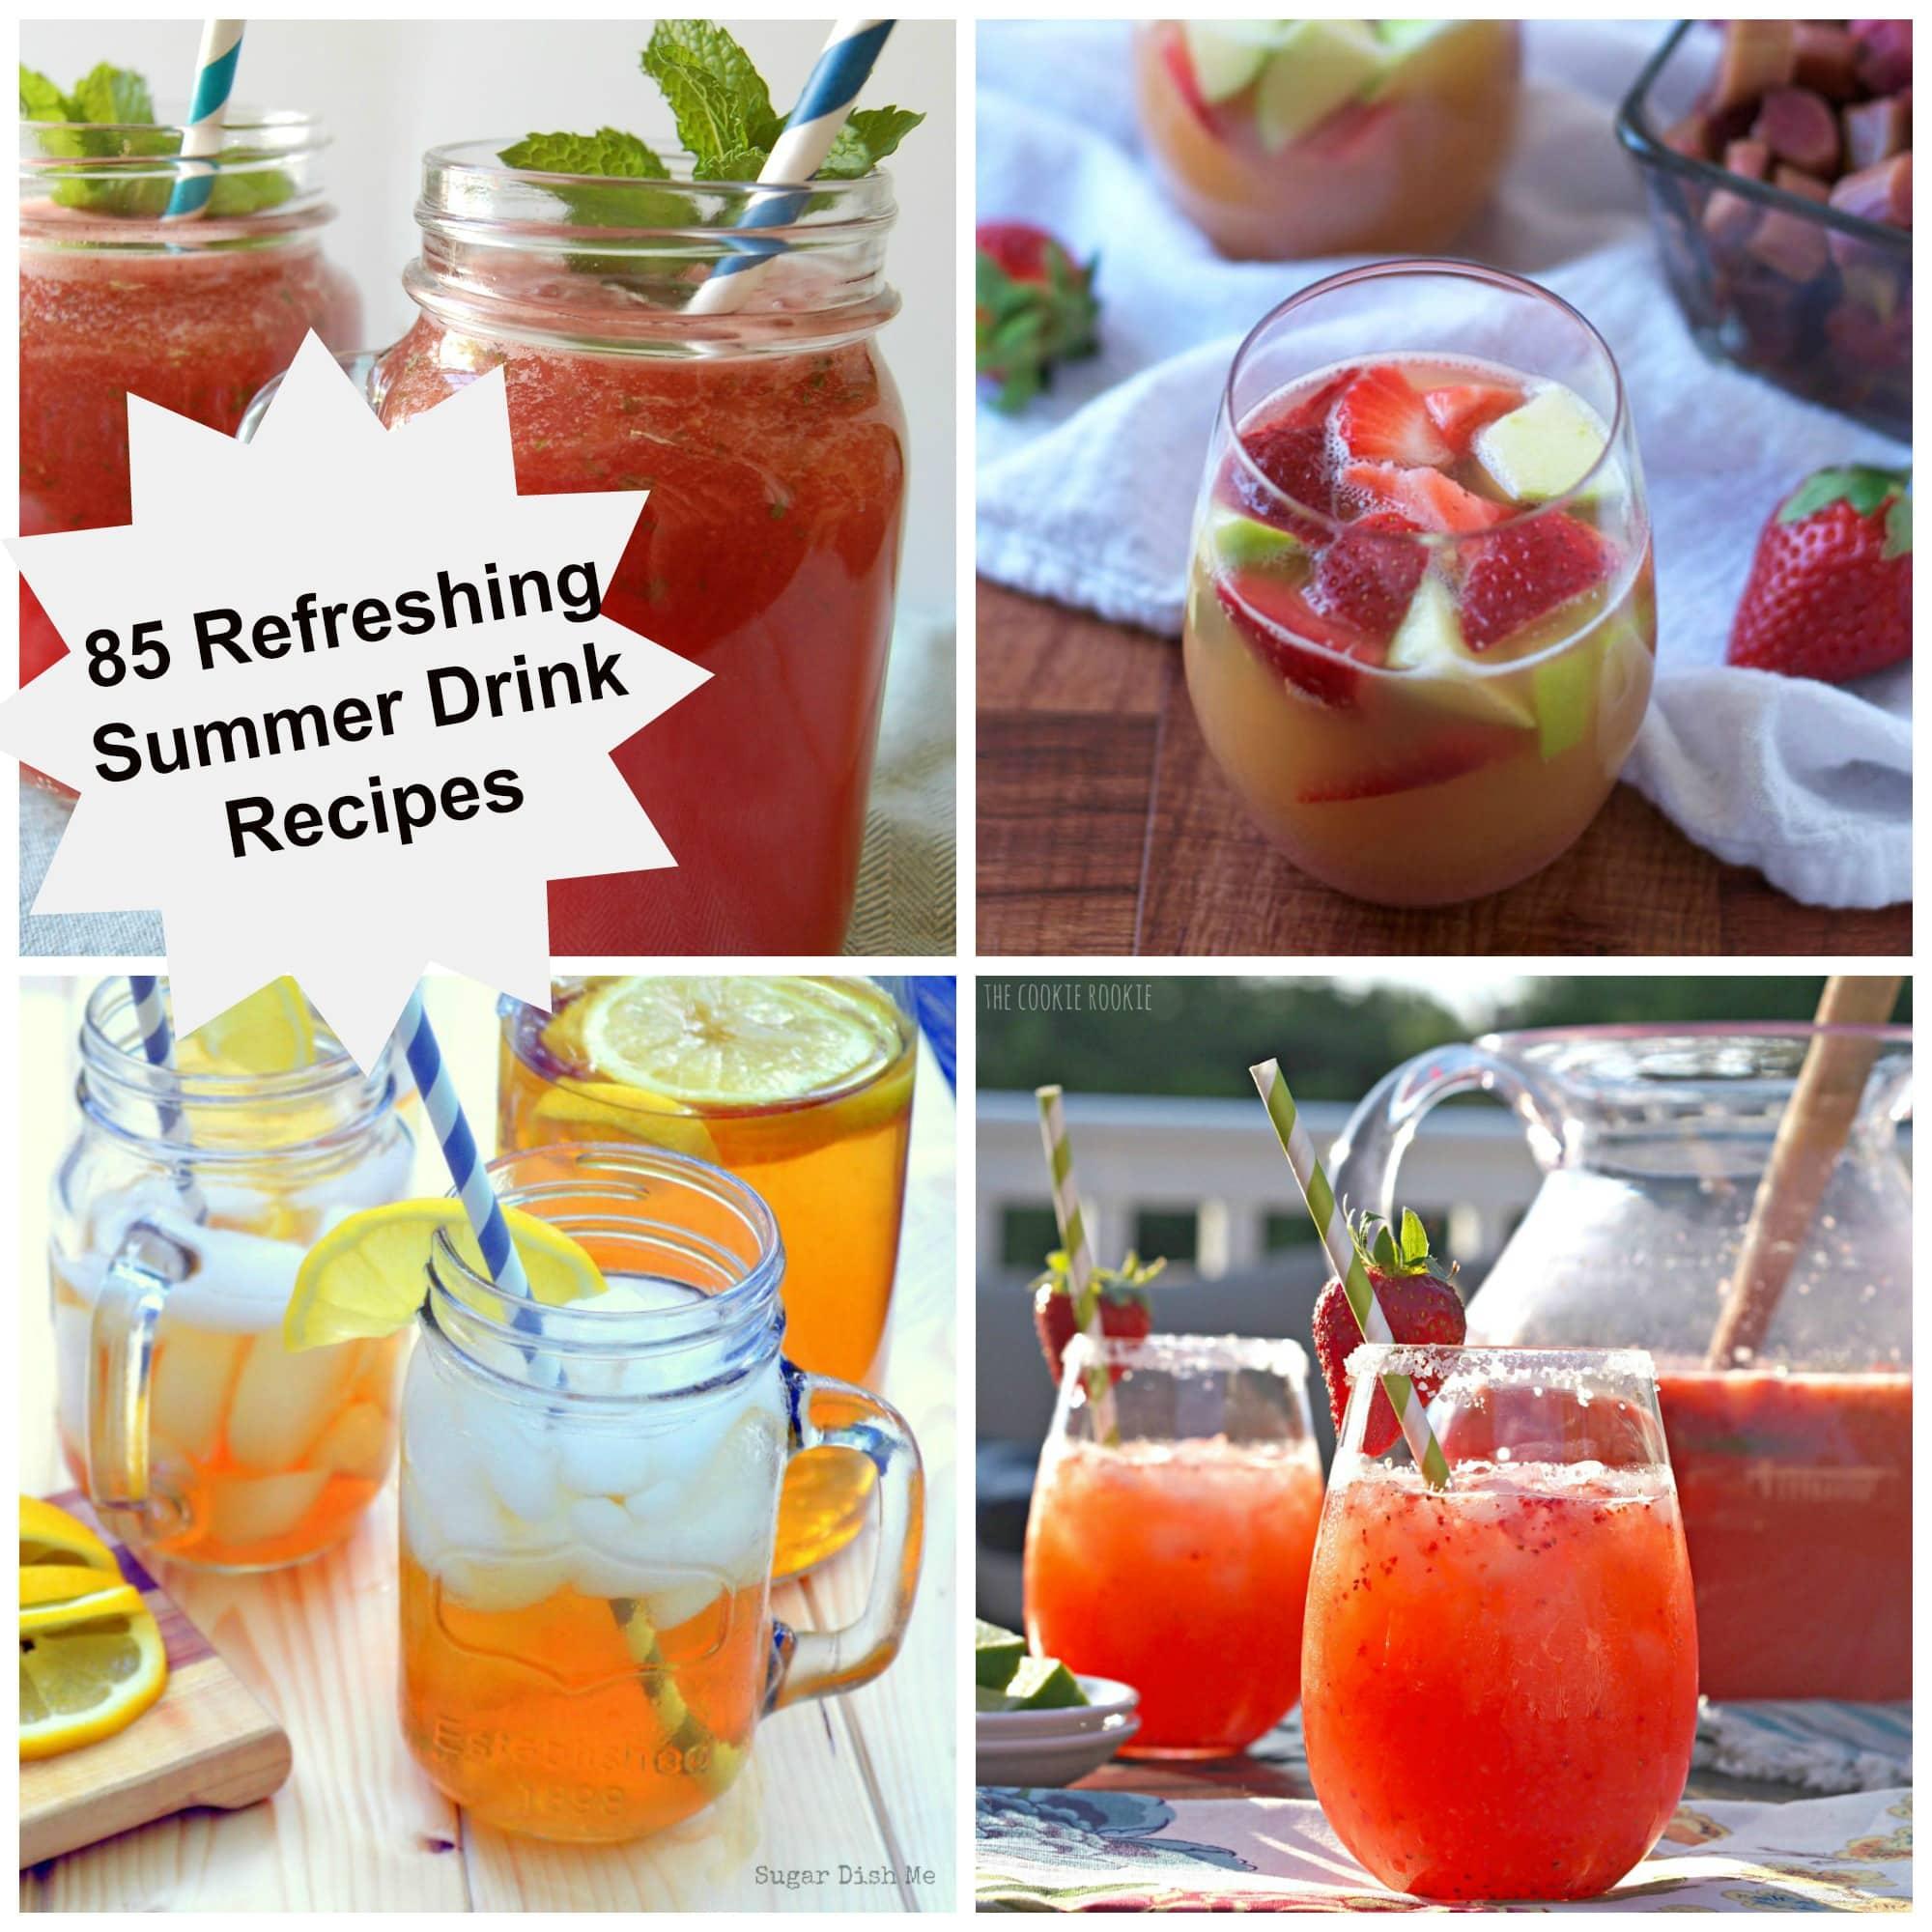 85 Refreshing Summer Drink Recipes